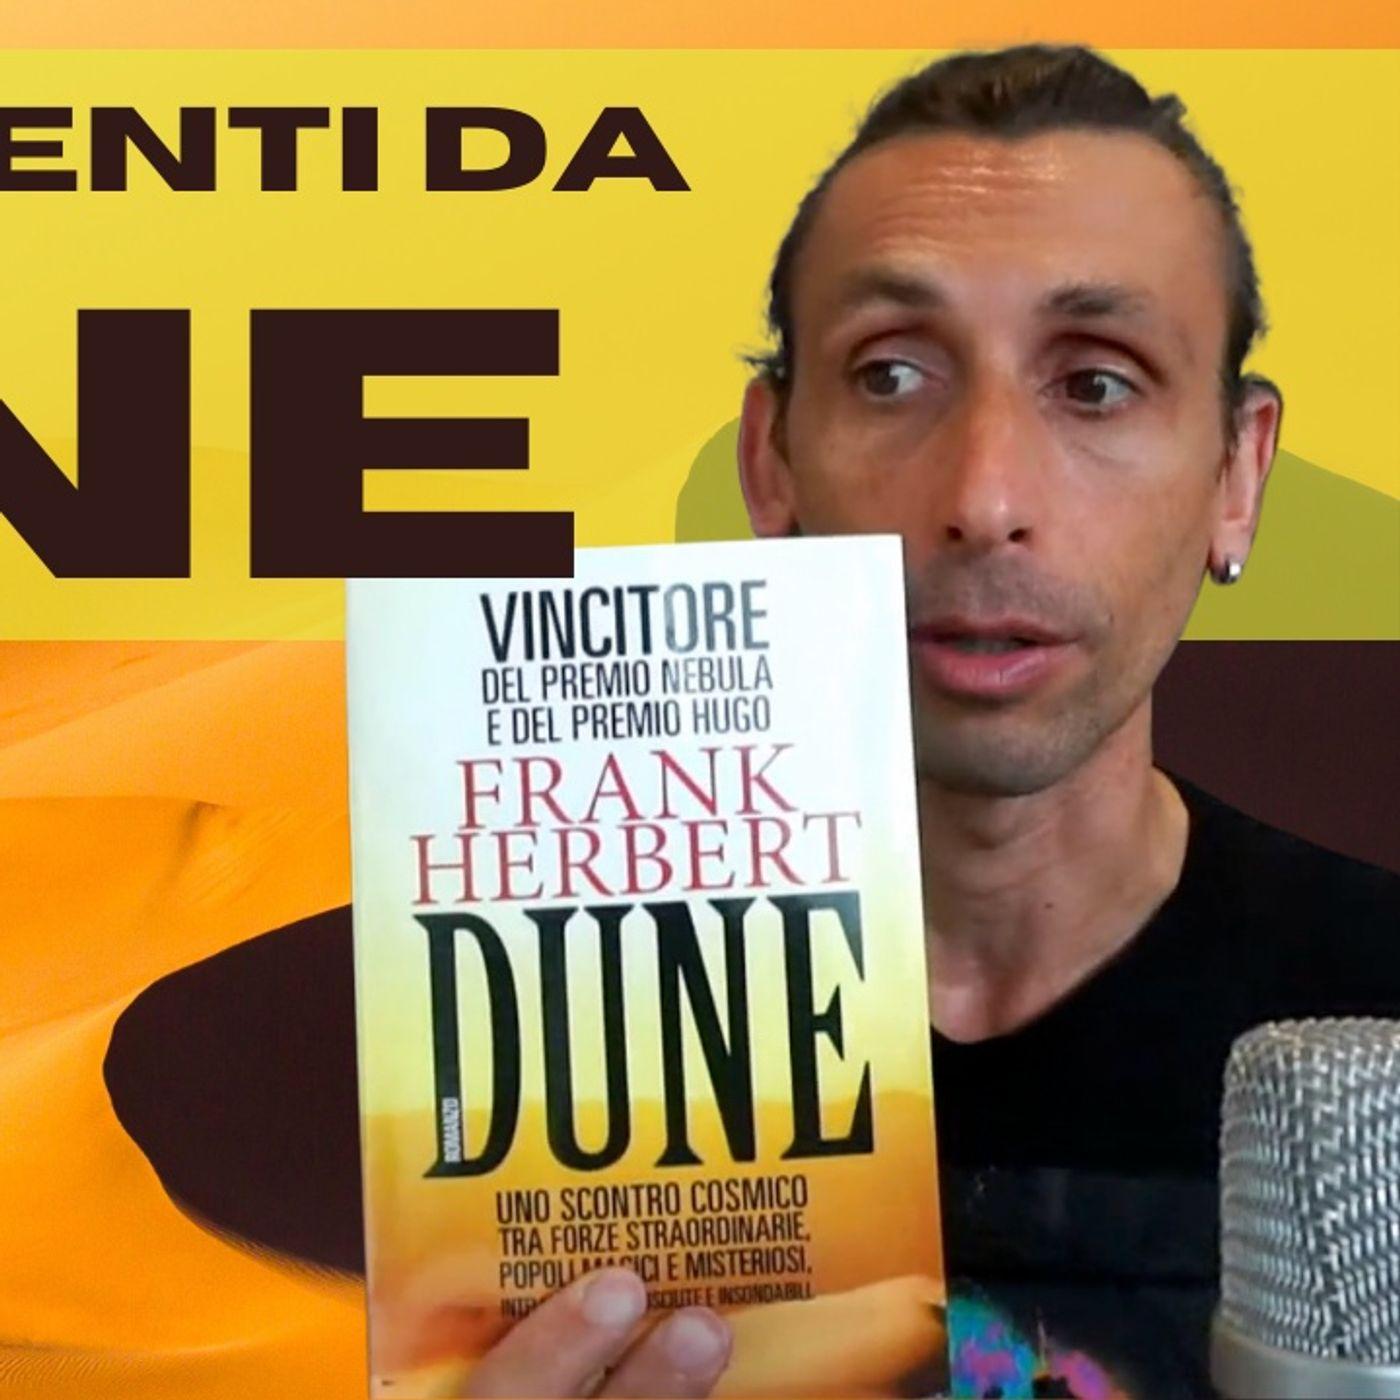 Dune (Libro)- Insegnamenti Psicologici ed Esoterici - Parte 2